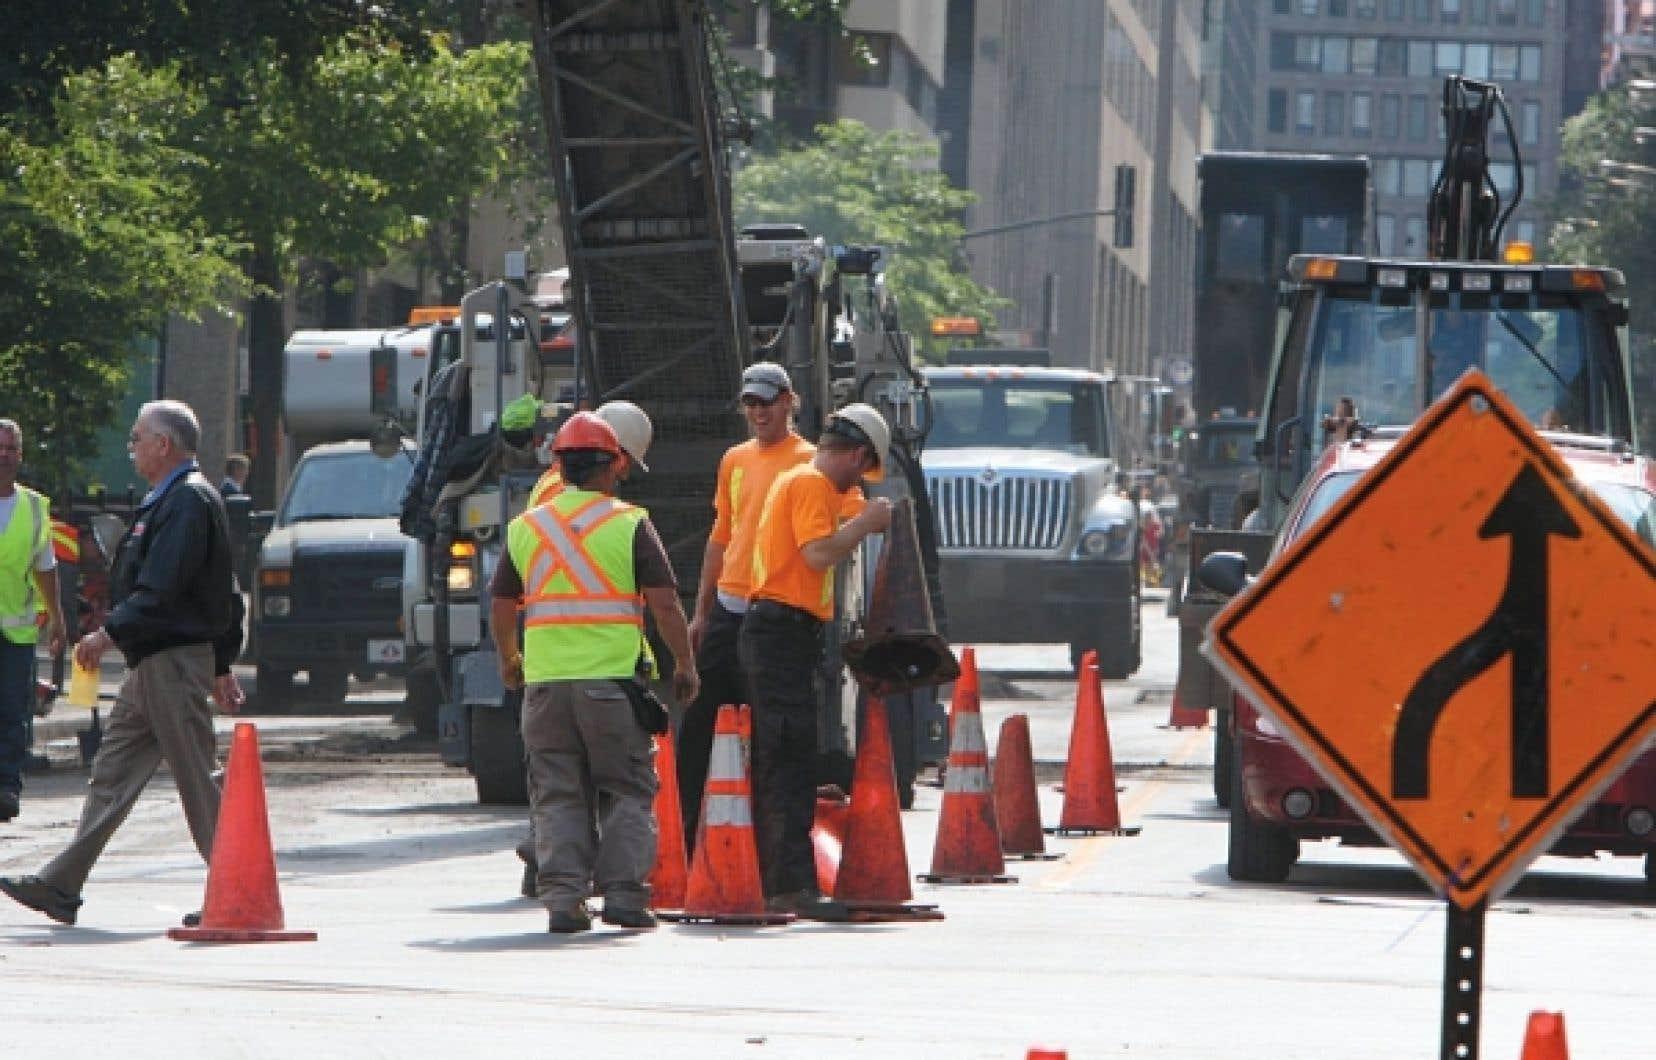 Des villes comme Montréal et Québec, plus âgées, sont particulièrement touchées par le vieillissement des infrastructures routières.